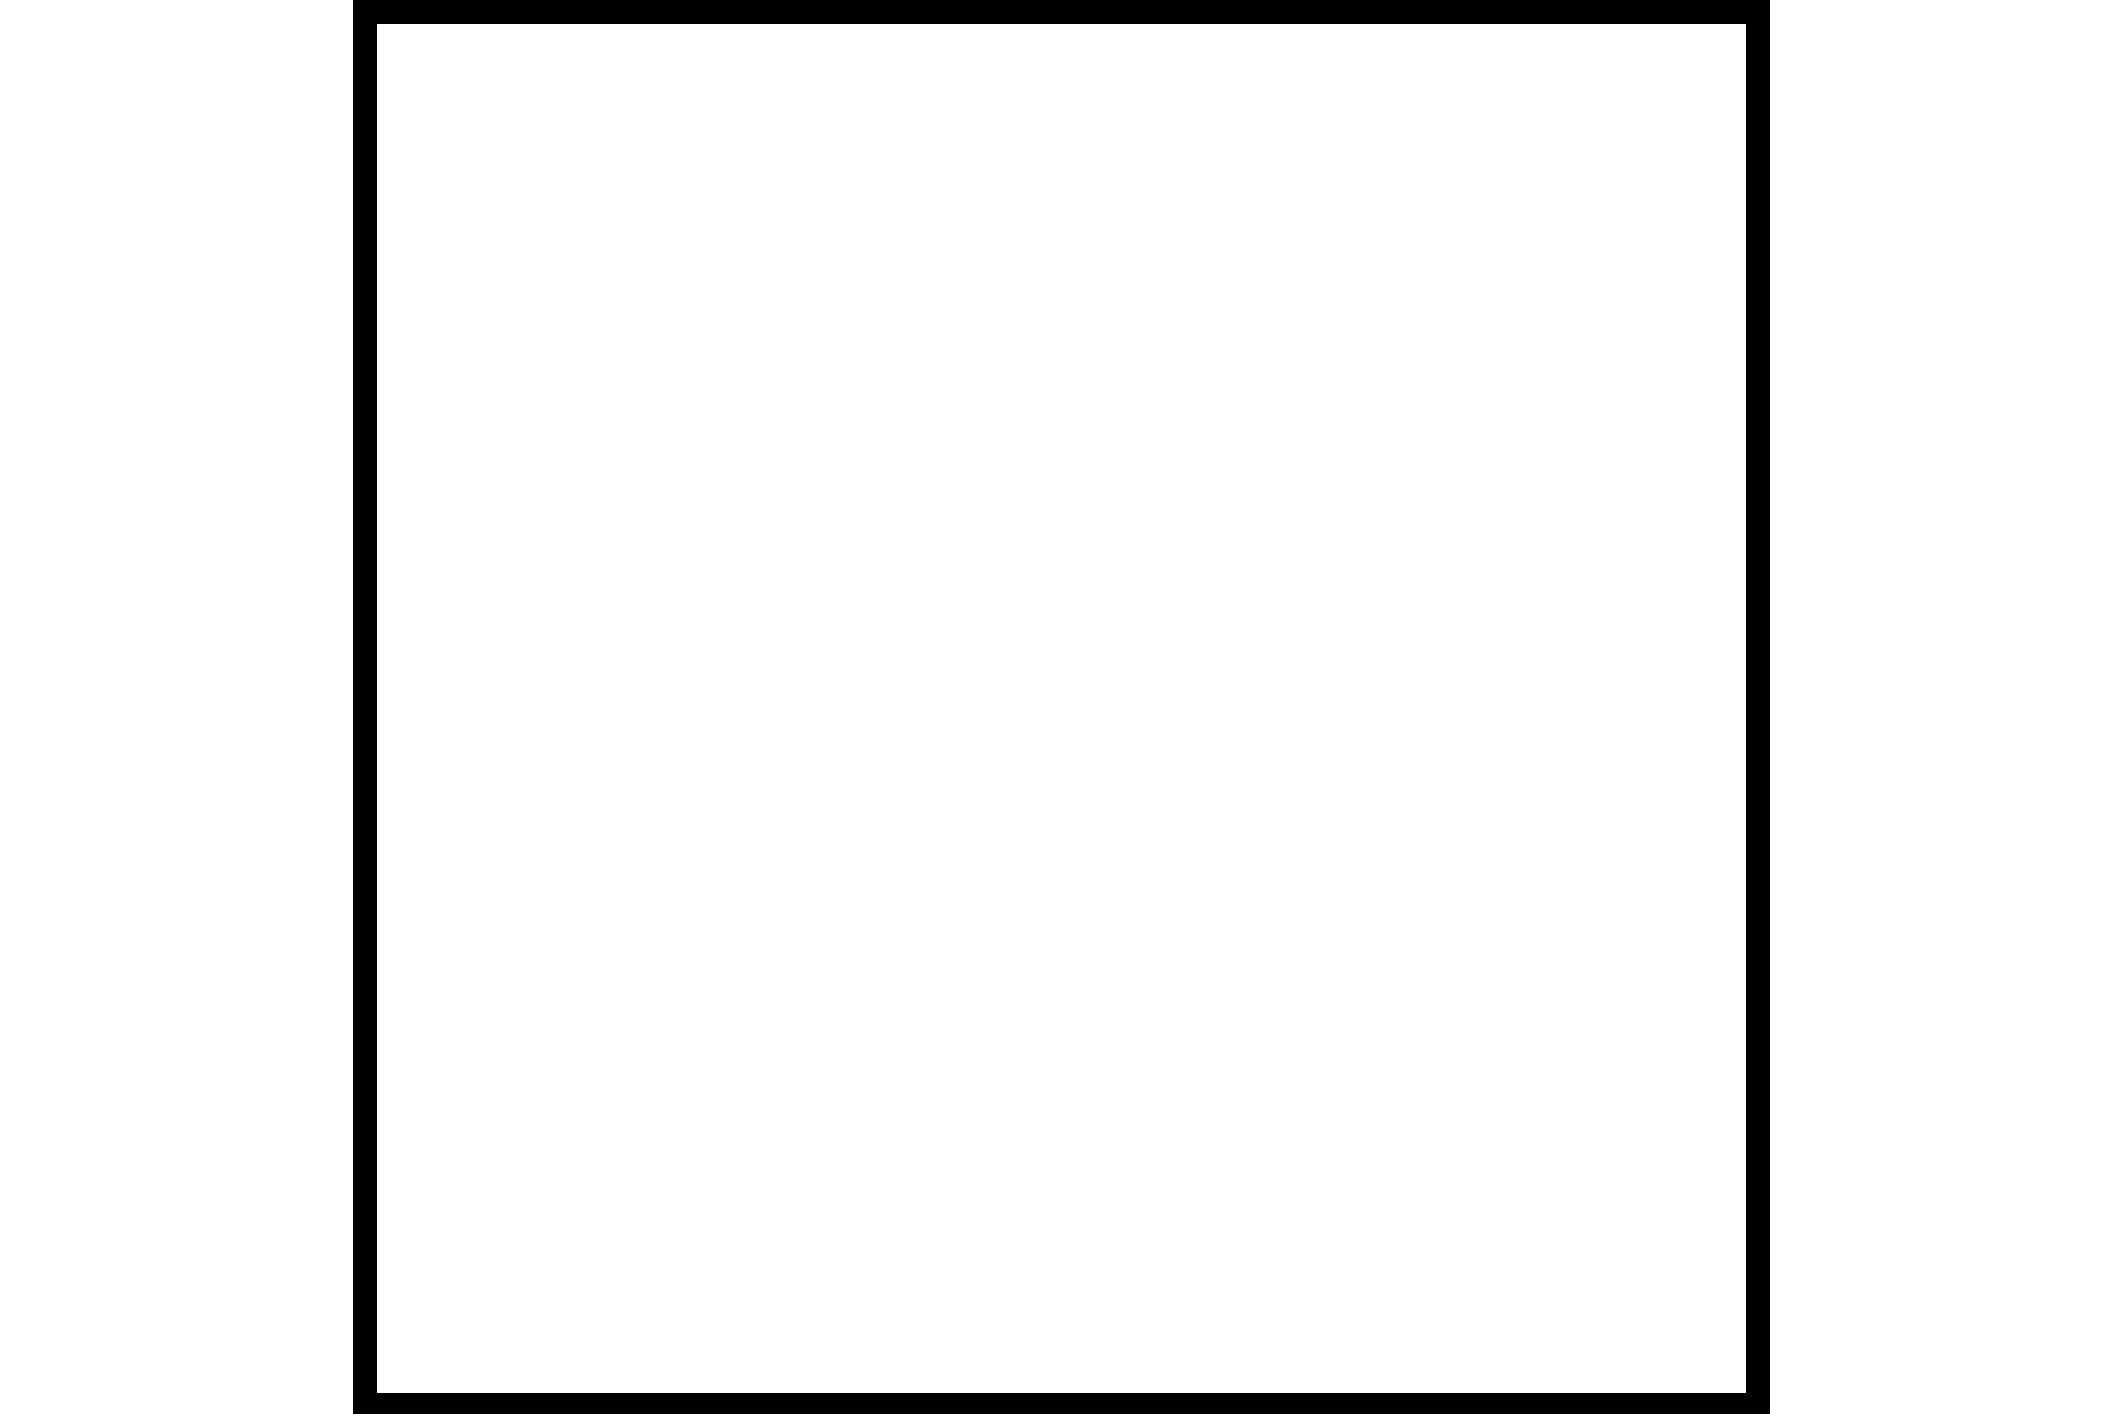 สีขาวหมายถึง ความสะอาด บริสุทธิ์ เปรียบเสมือนลูกศิษย์ของเราทุกคน